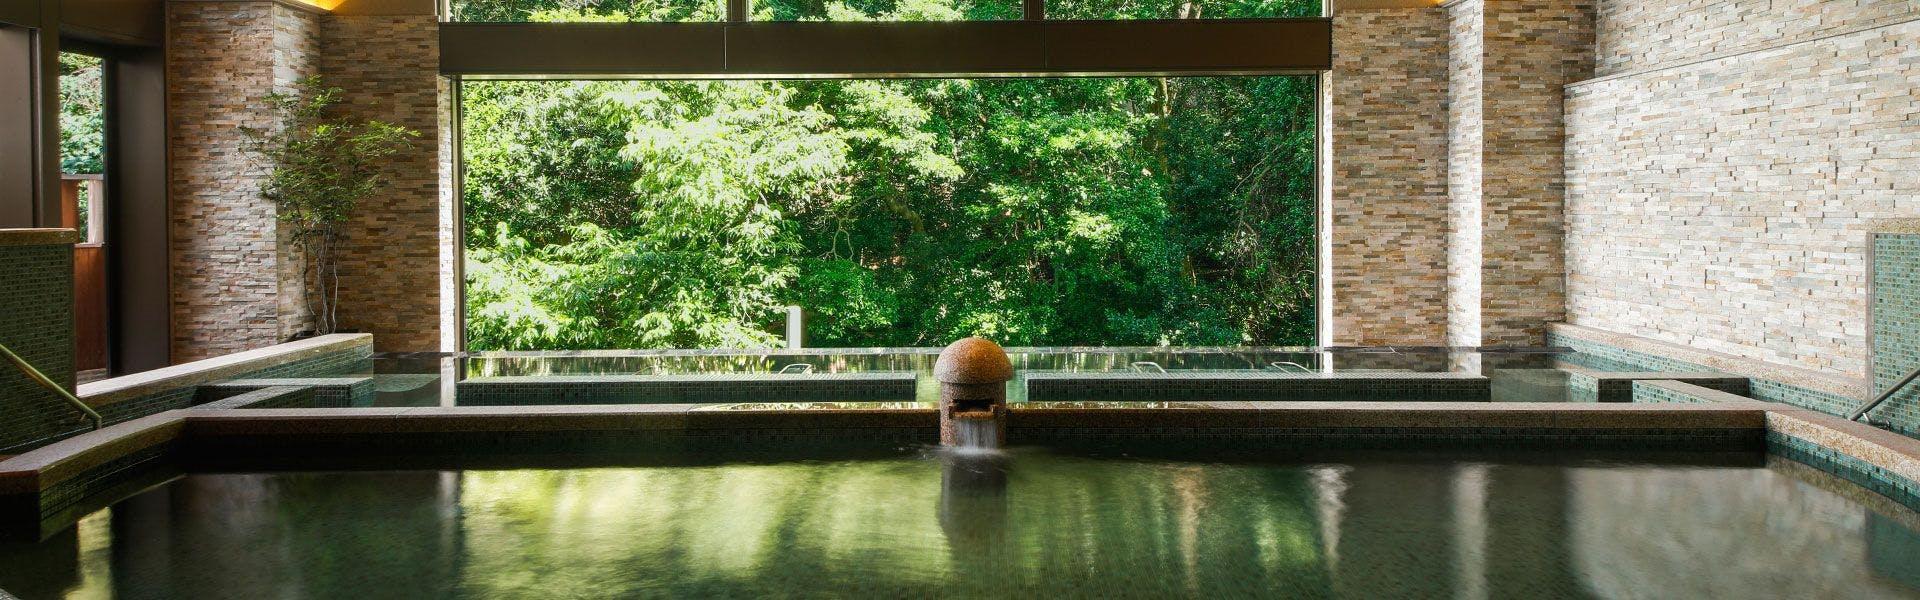 記念日におすすめのホテル・夢海游 淡路島の写真2